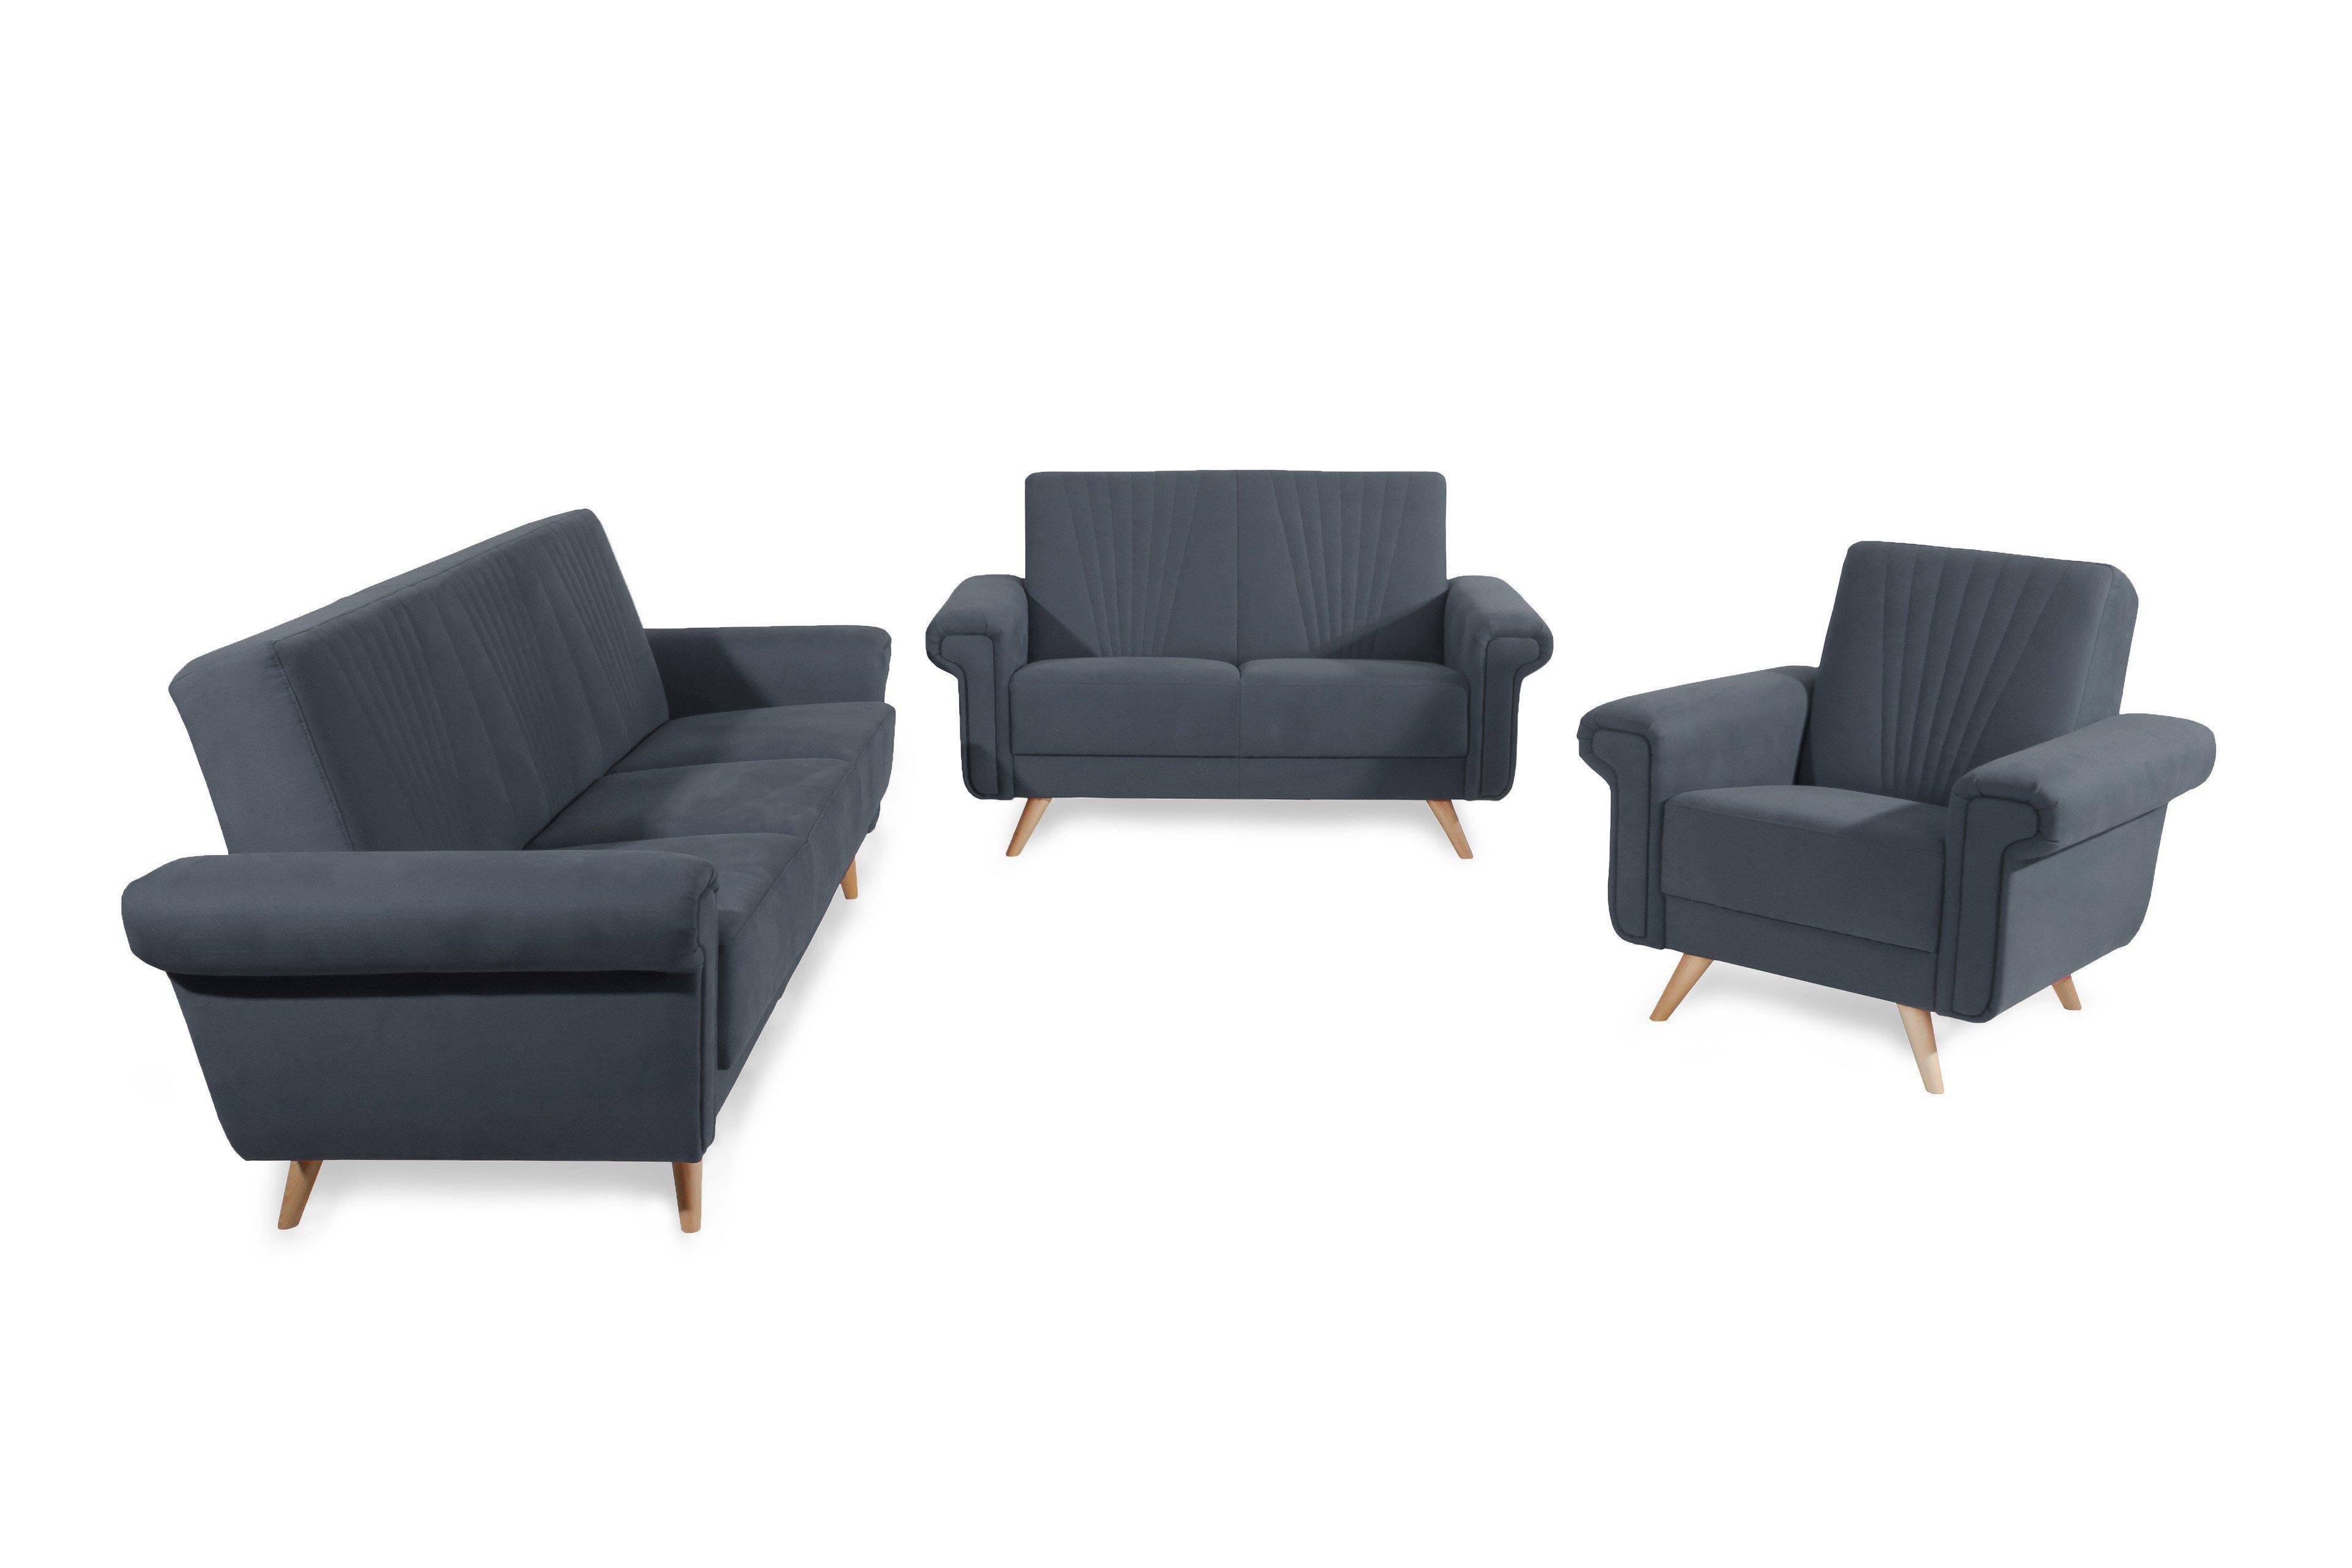 max winzer jannes sofagarnitur taupe m bel letz ihr online shop. Black Bedroom Furniture Sets. Home Design Ideas